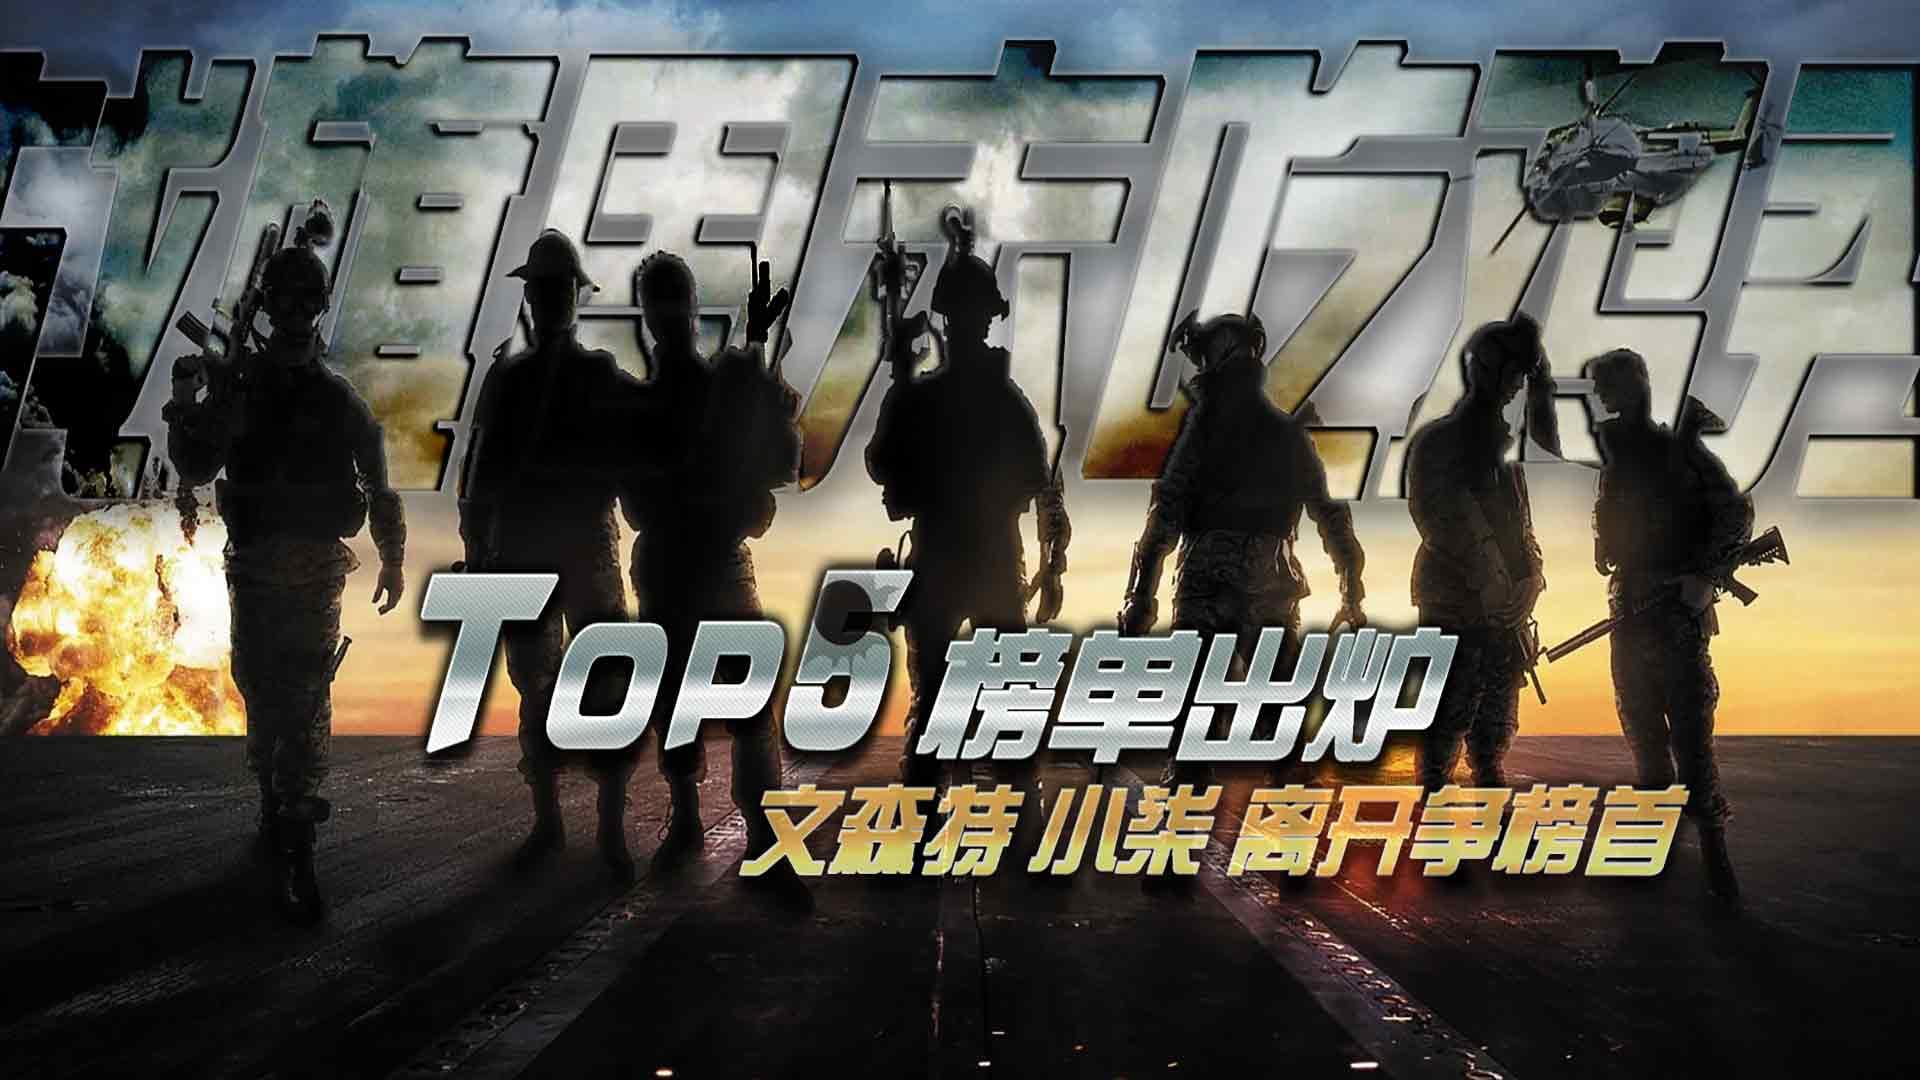 【战旗周末吃鸡秀】第五期~TOP5榜单出炉,文森特小七离开争榜首